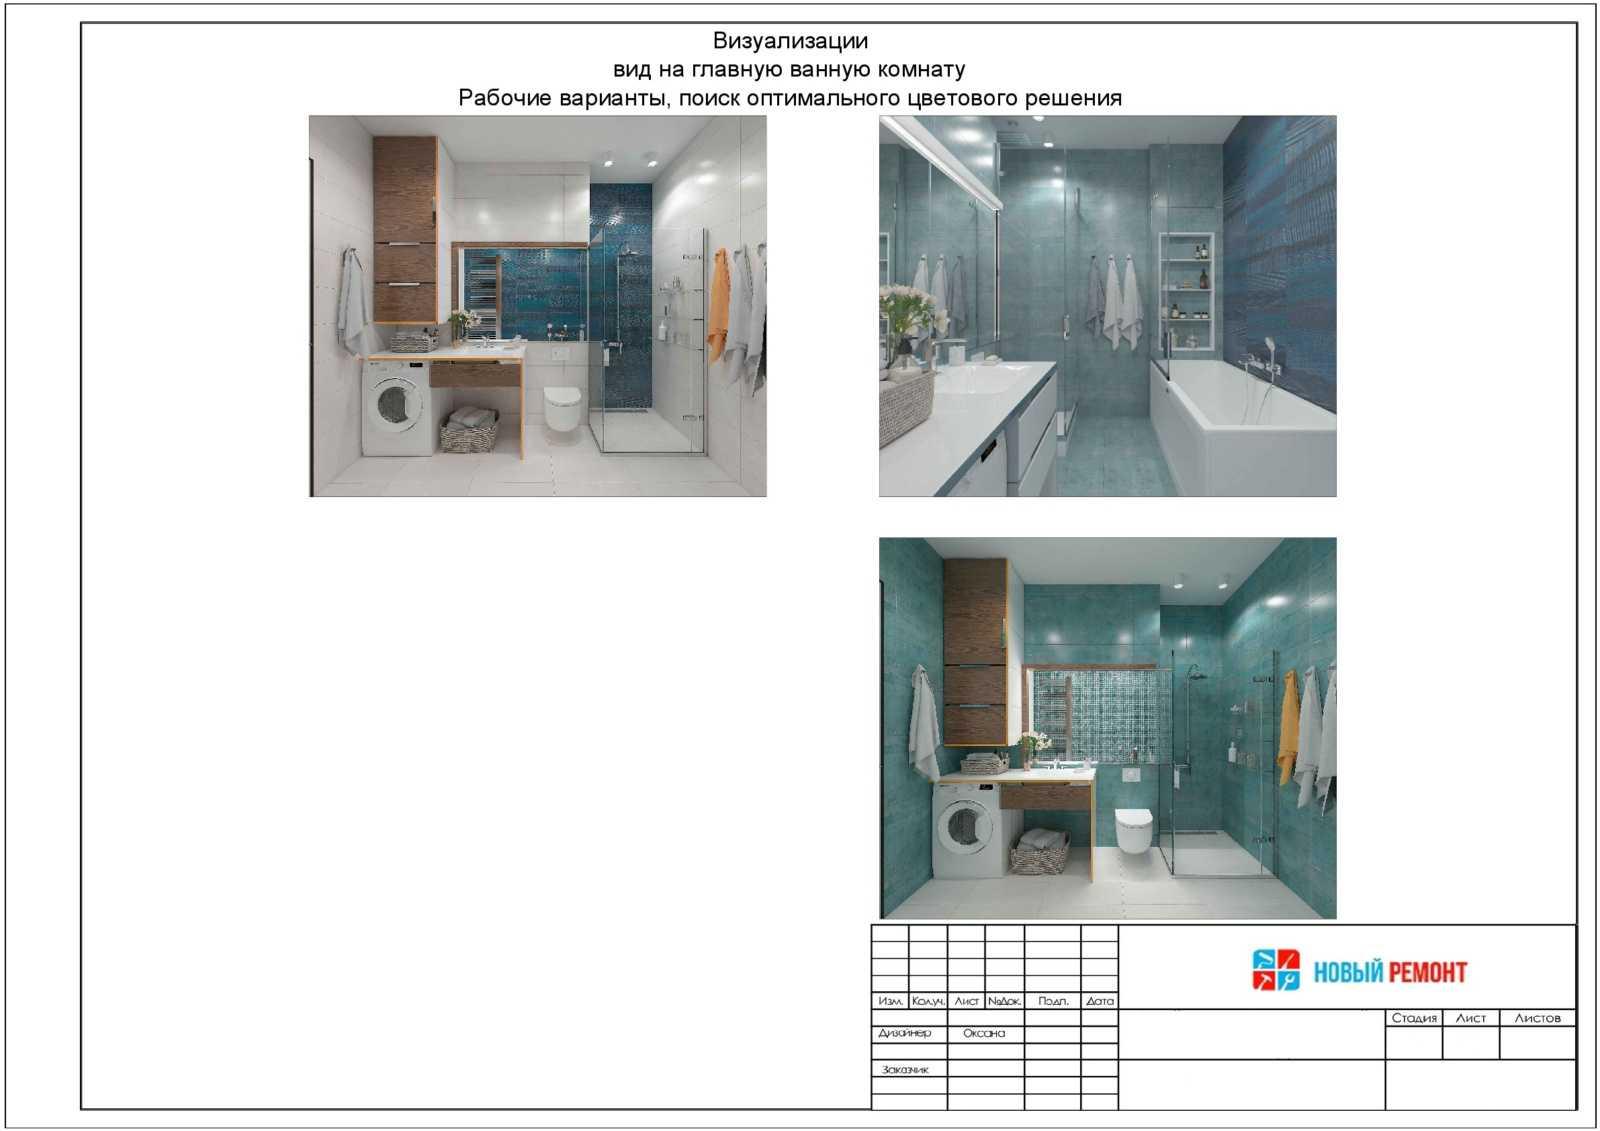 дизайн санузла в трехкомнатной квартире